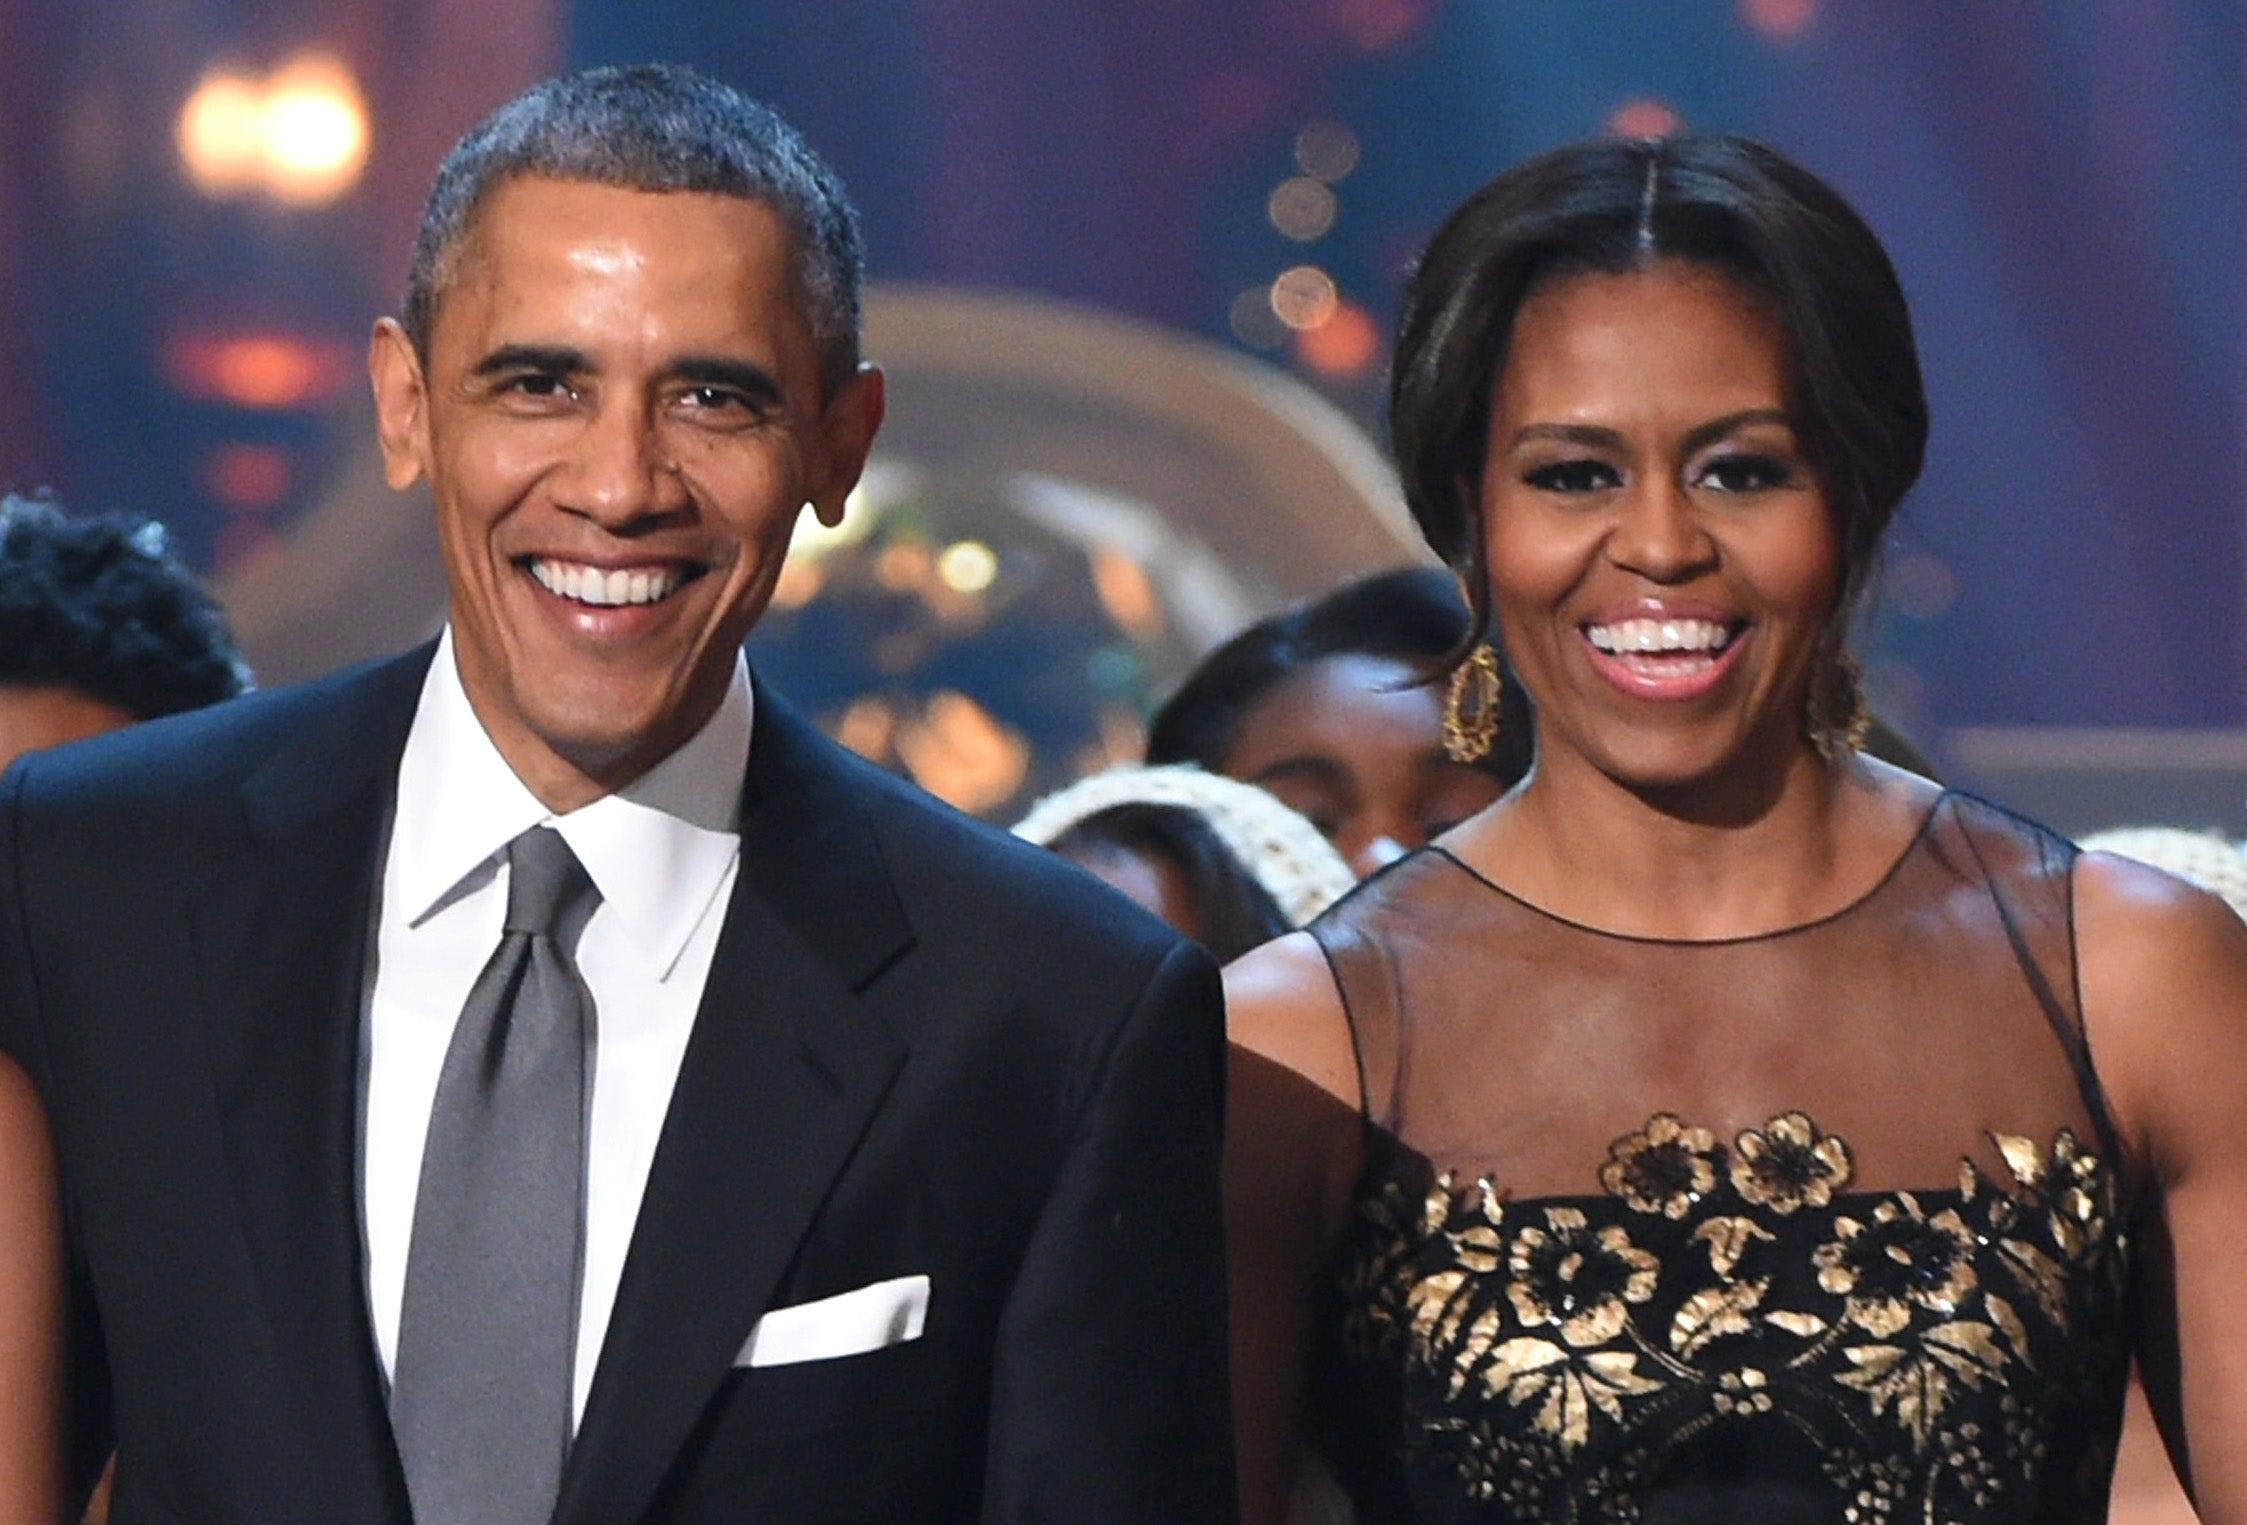 Michelle Obama Wishes Barack Obama, AKA 'My Favorite Guy,' A Happy 59th Birthday